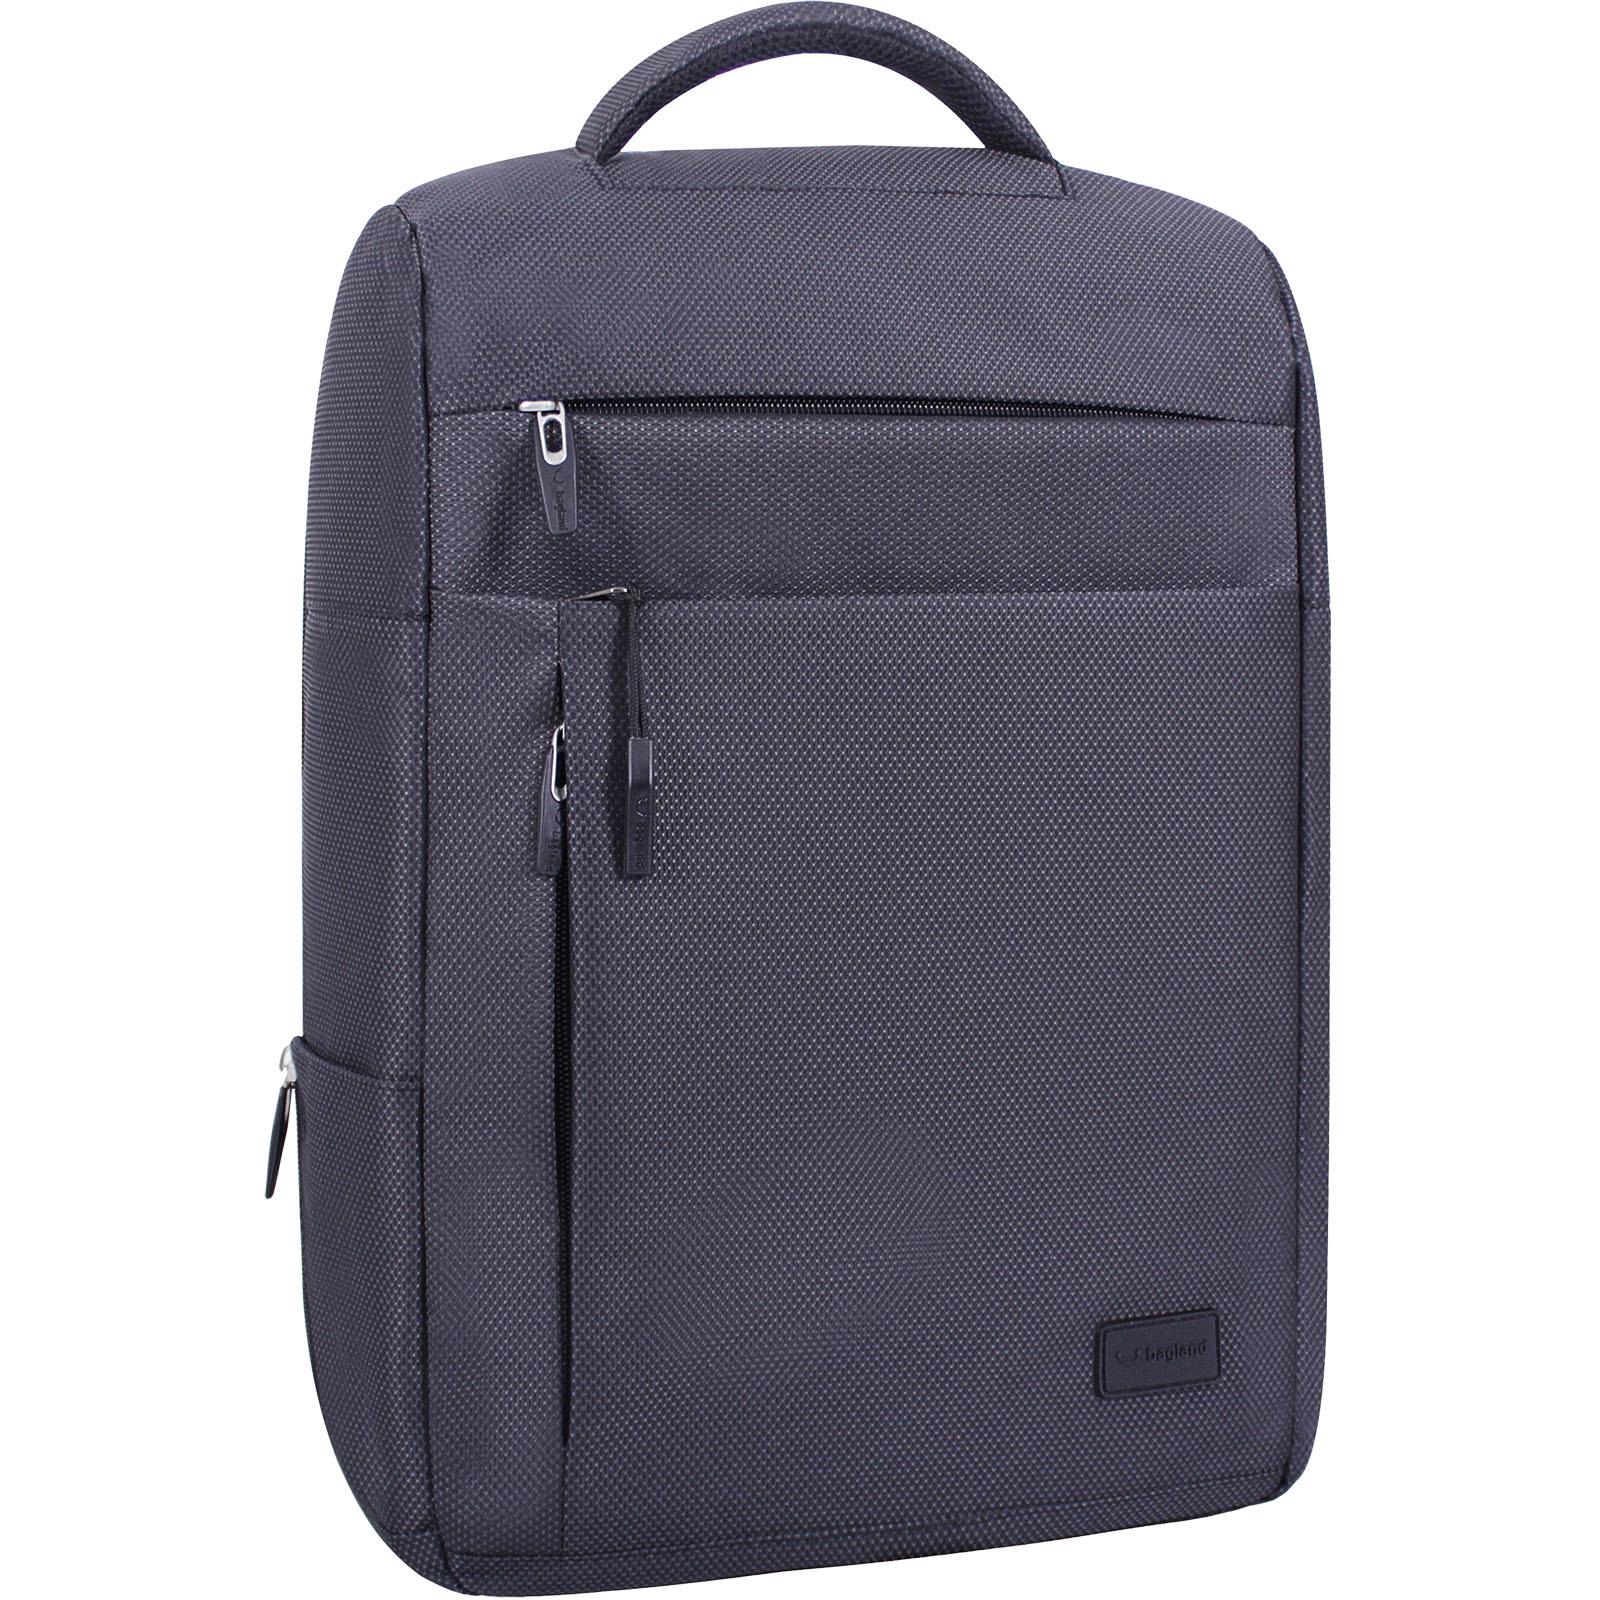 Мужские рюкзаки Рюкзак Bagland Волнорез 20 л. черный (00138169) IMG_3287.JPG